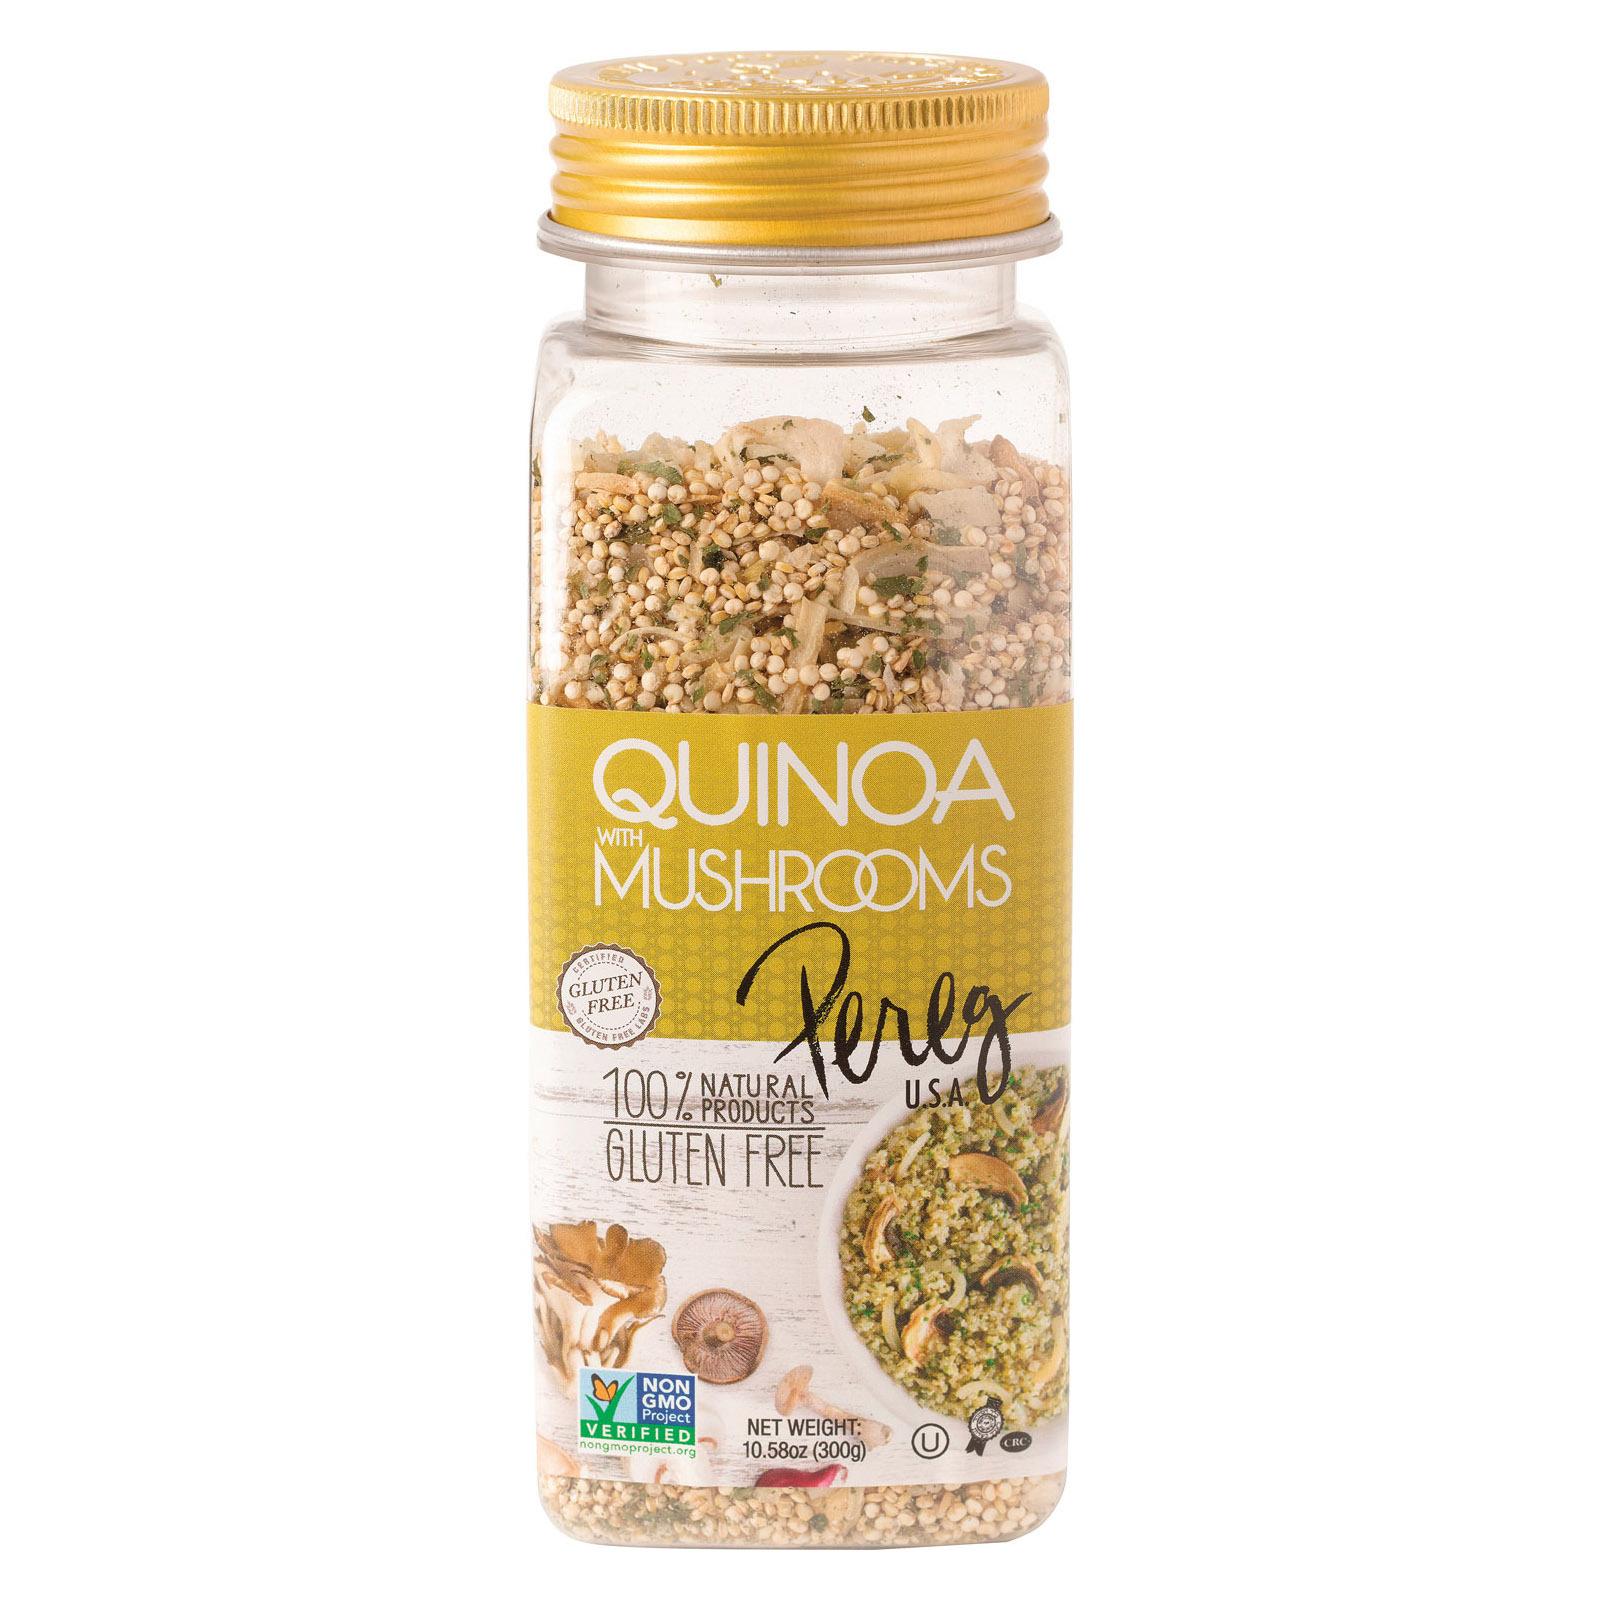 Pereg Quinoa with Mushrooms - Case of 6 - 10.58 oz.